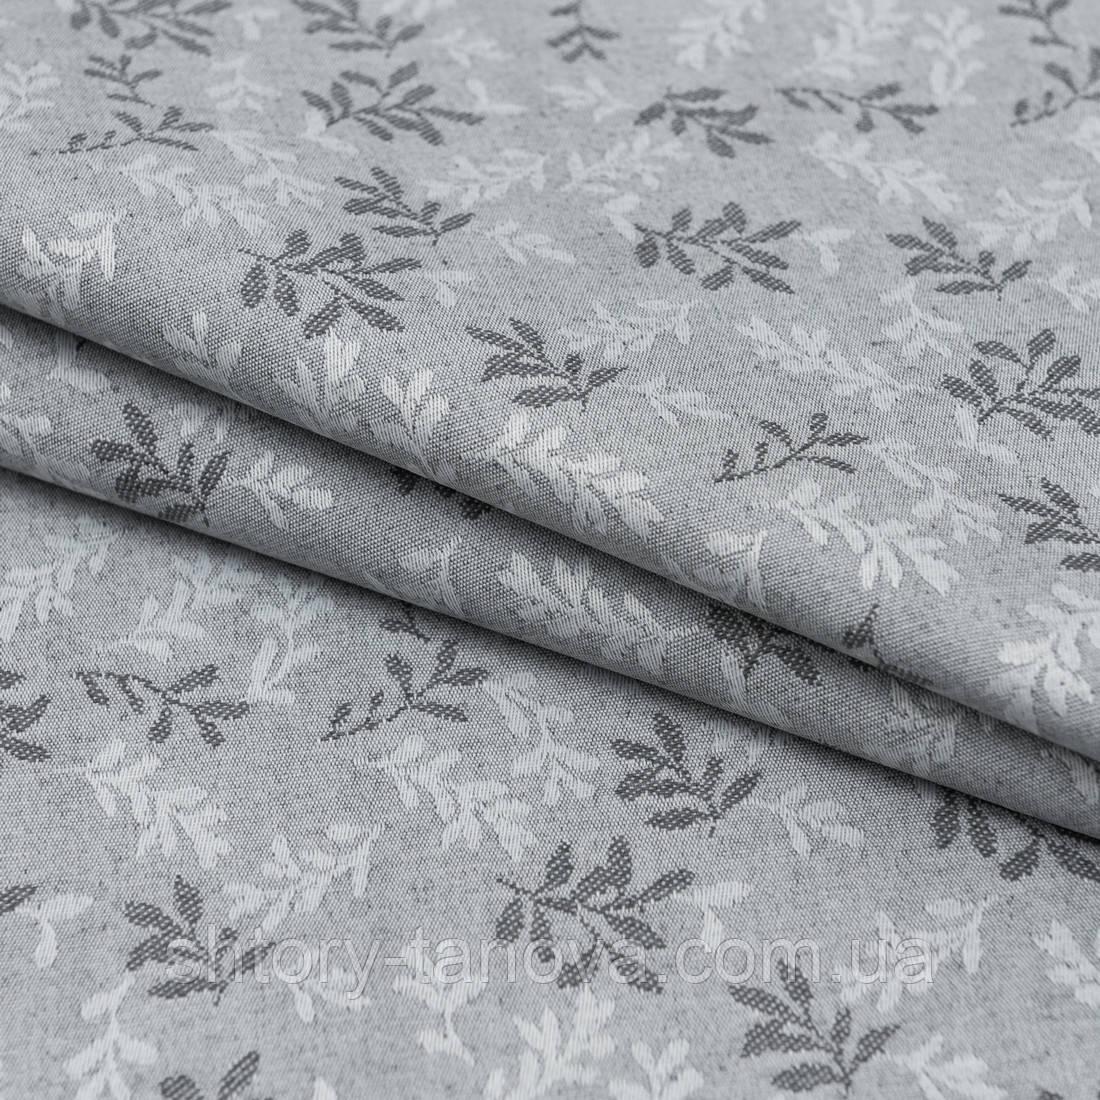 Тканина з акриловою грунтовкою карузо/caruso сірий